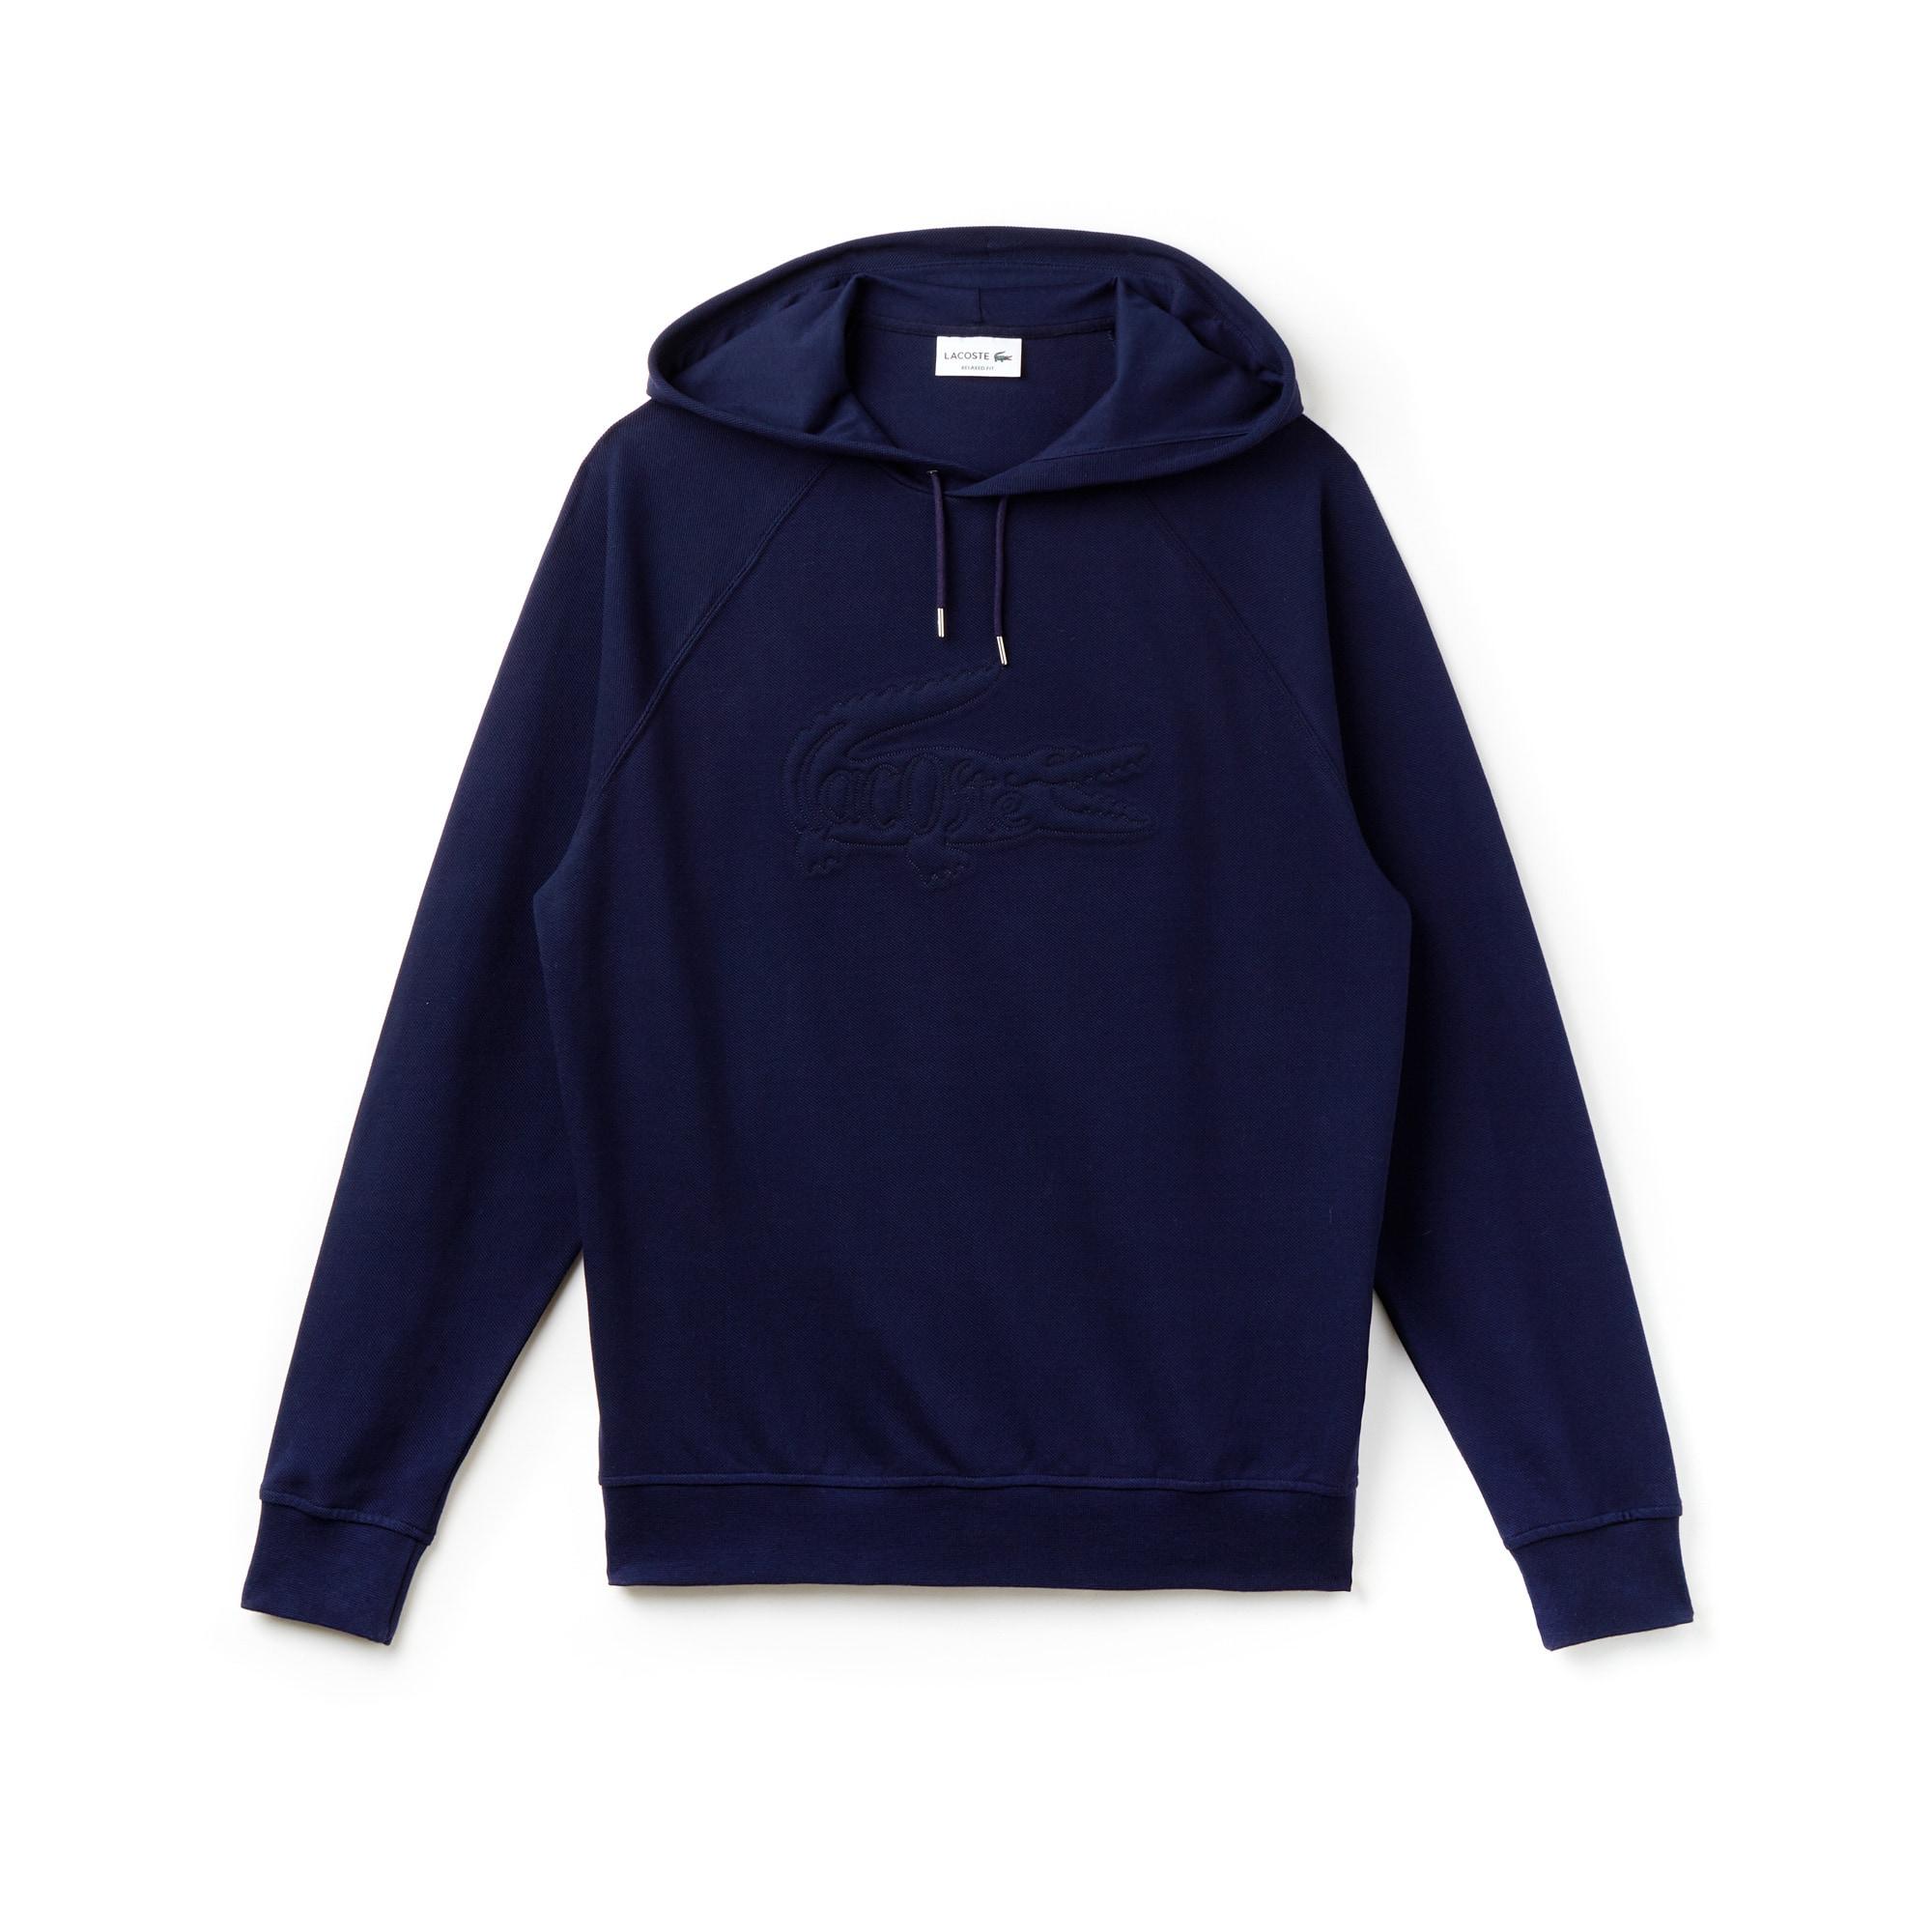 Men's Oversized Embroidered Piqué Sweatshirt